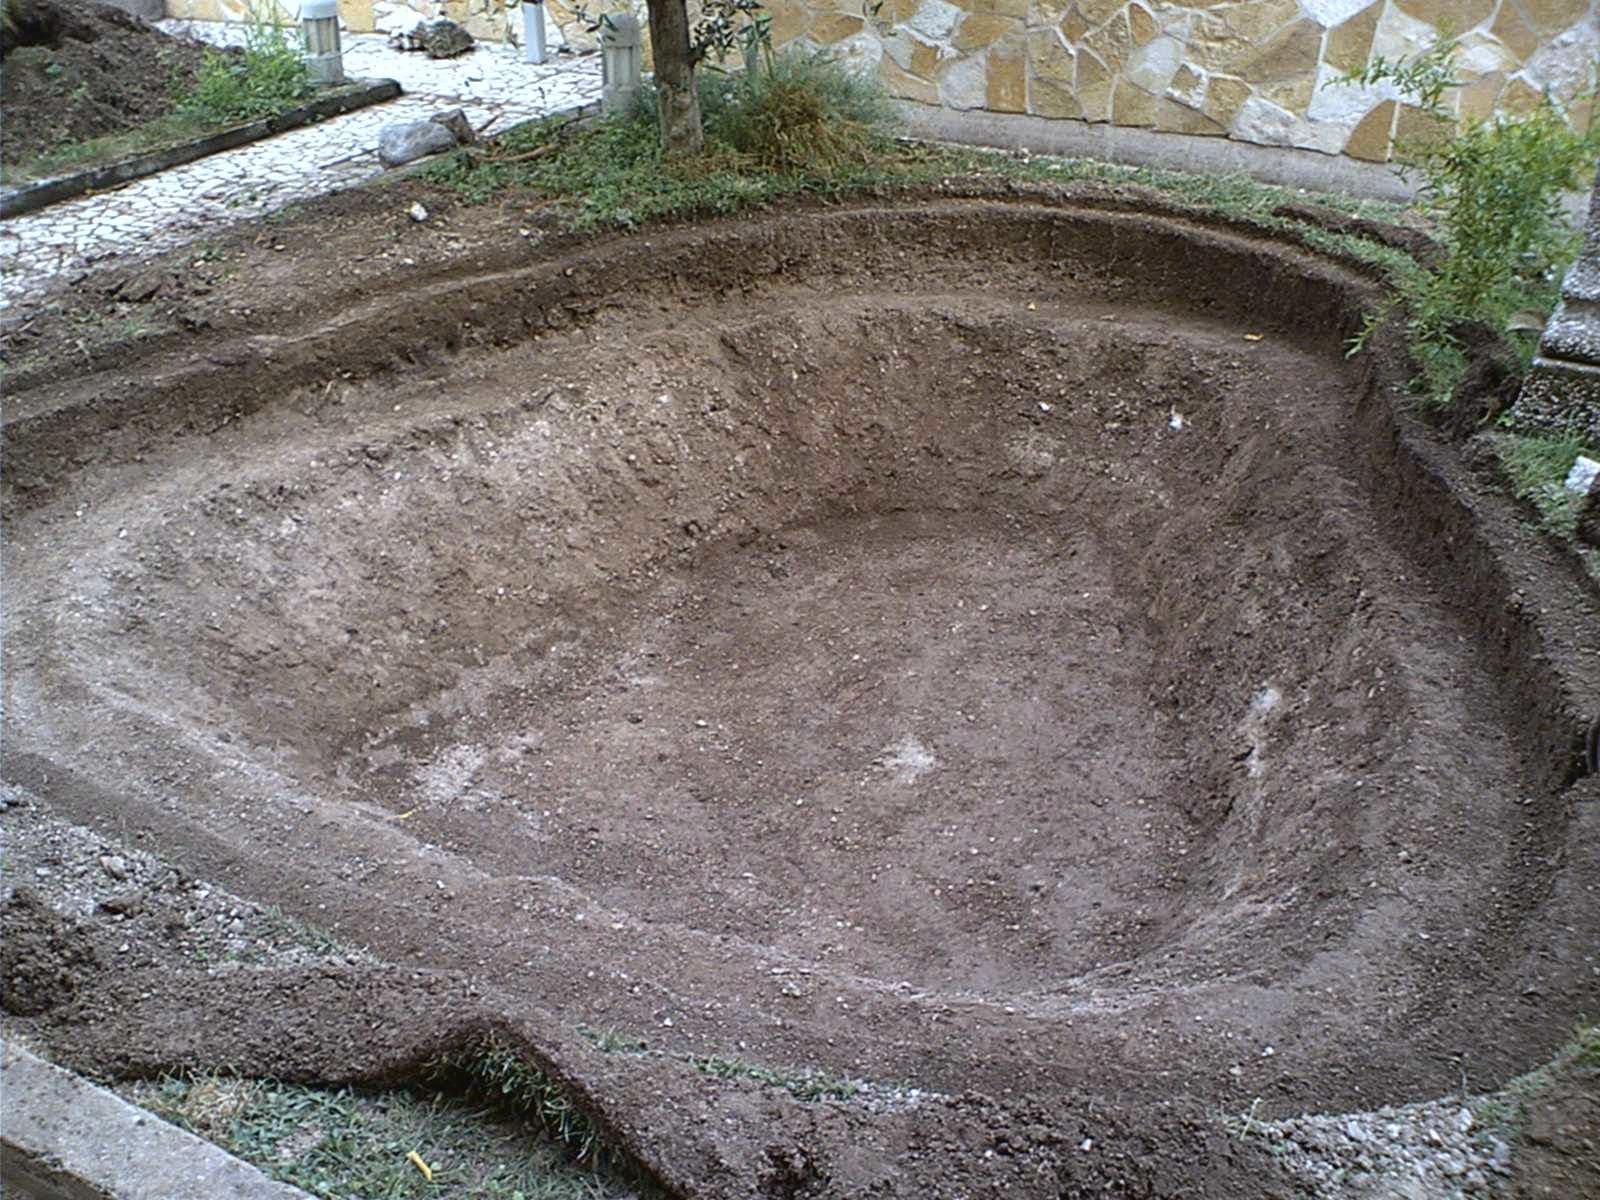 Laghetto la costruzione di un giardino acquatico agosto 2014 for Vasca laghetto rettangolare